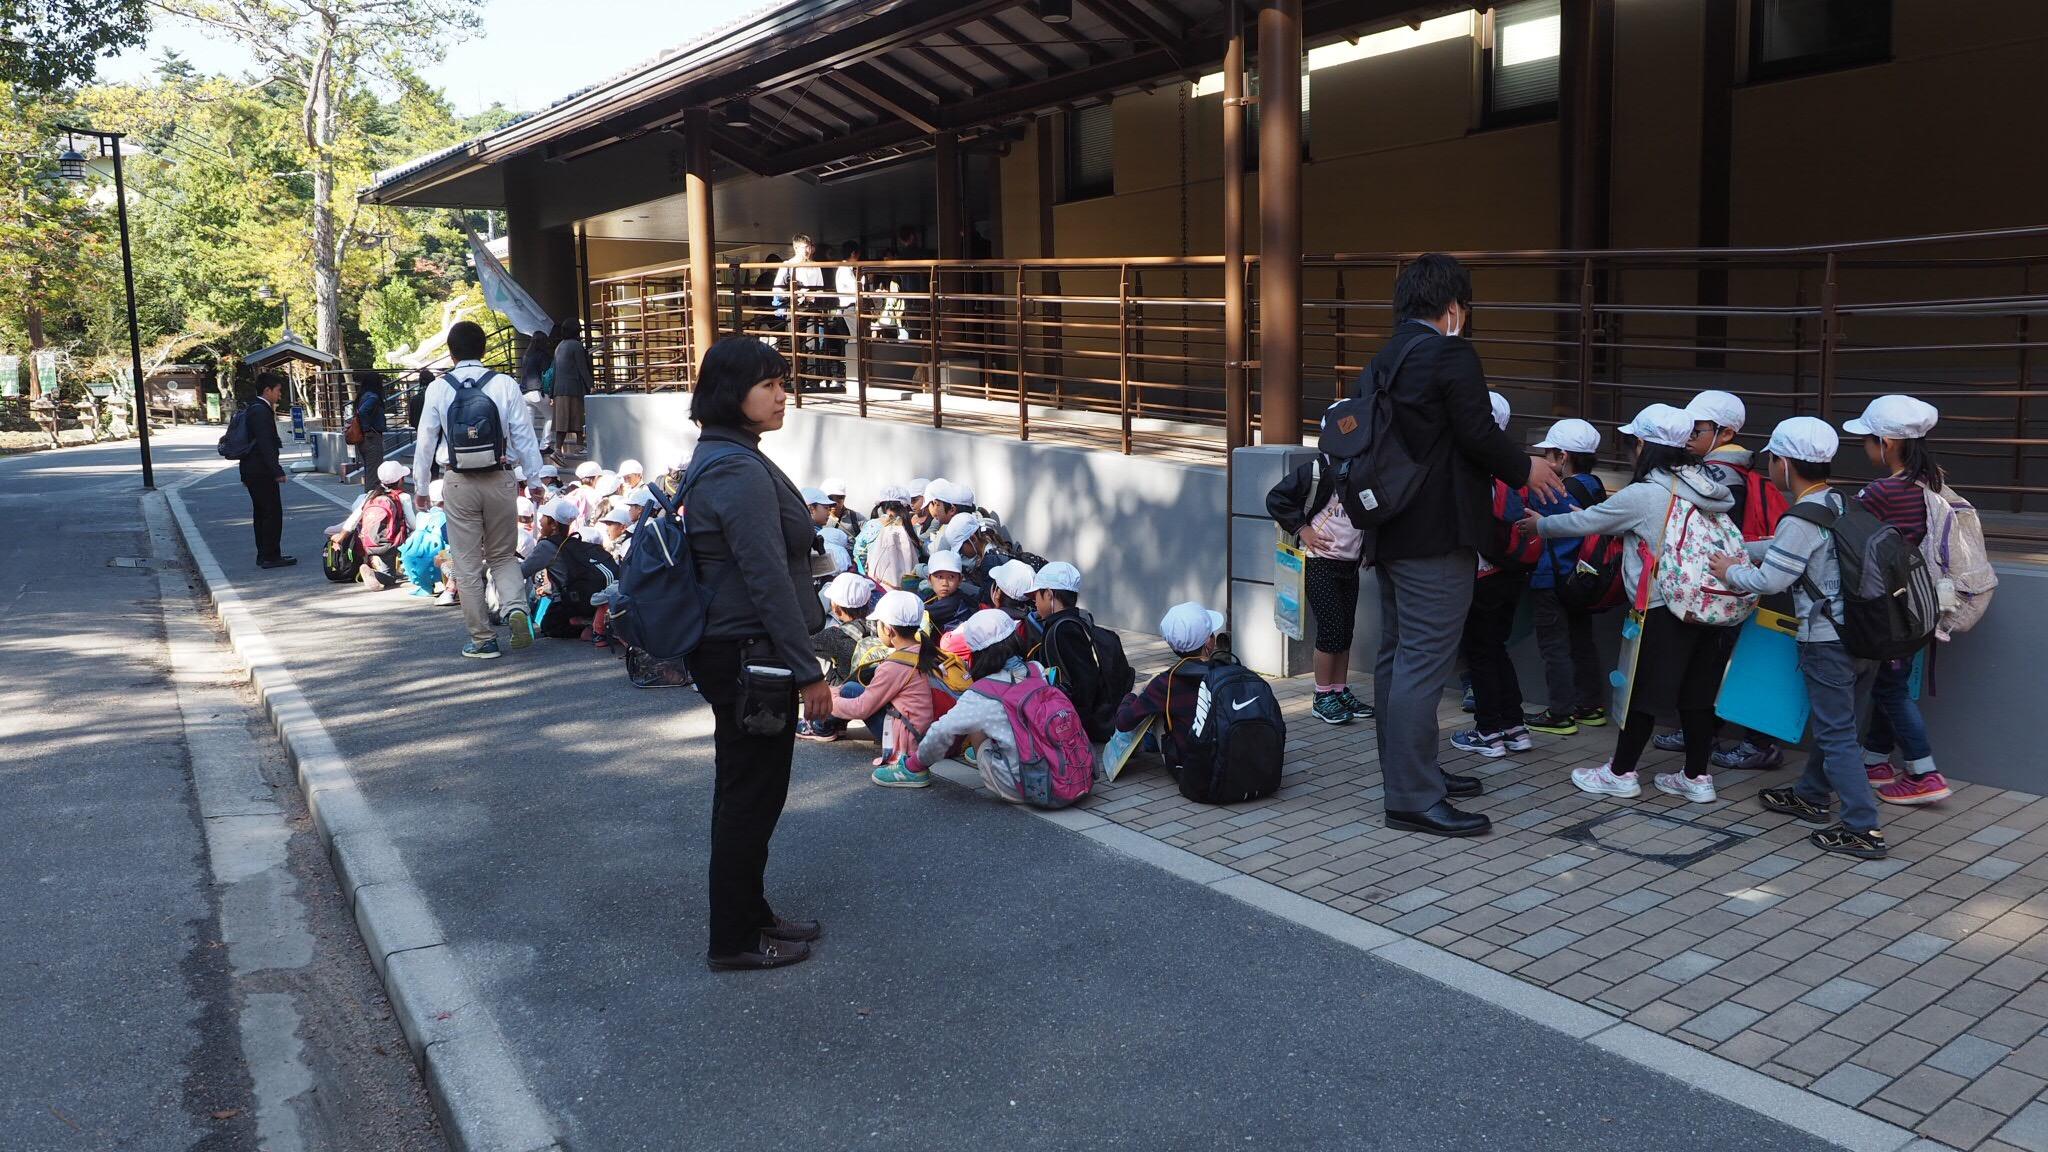 Antrian anak sekolah masuk ke Miyajima Aquarium